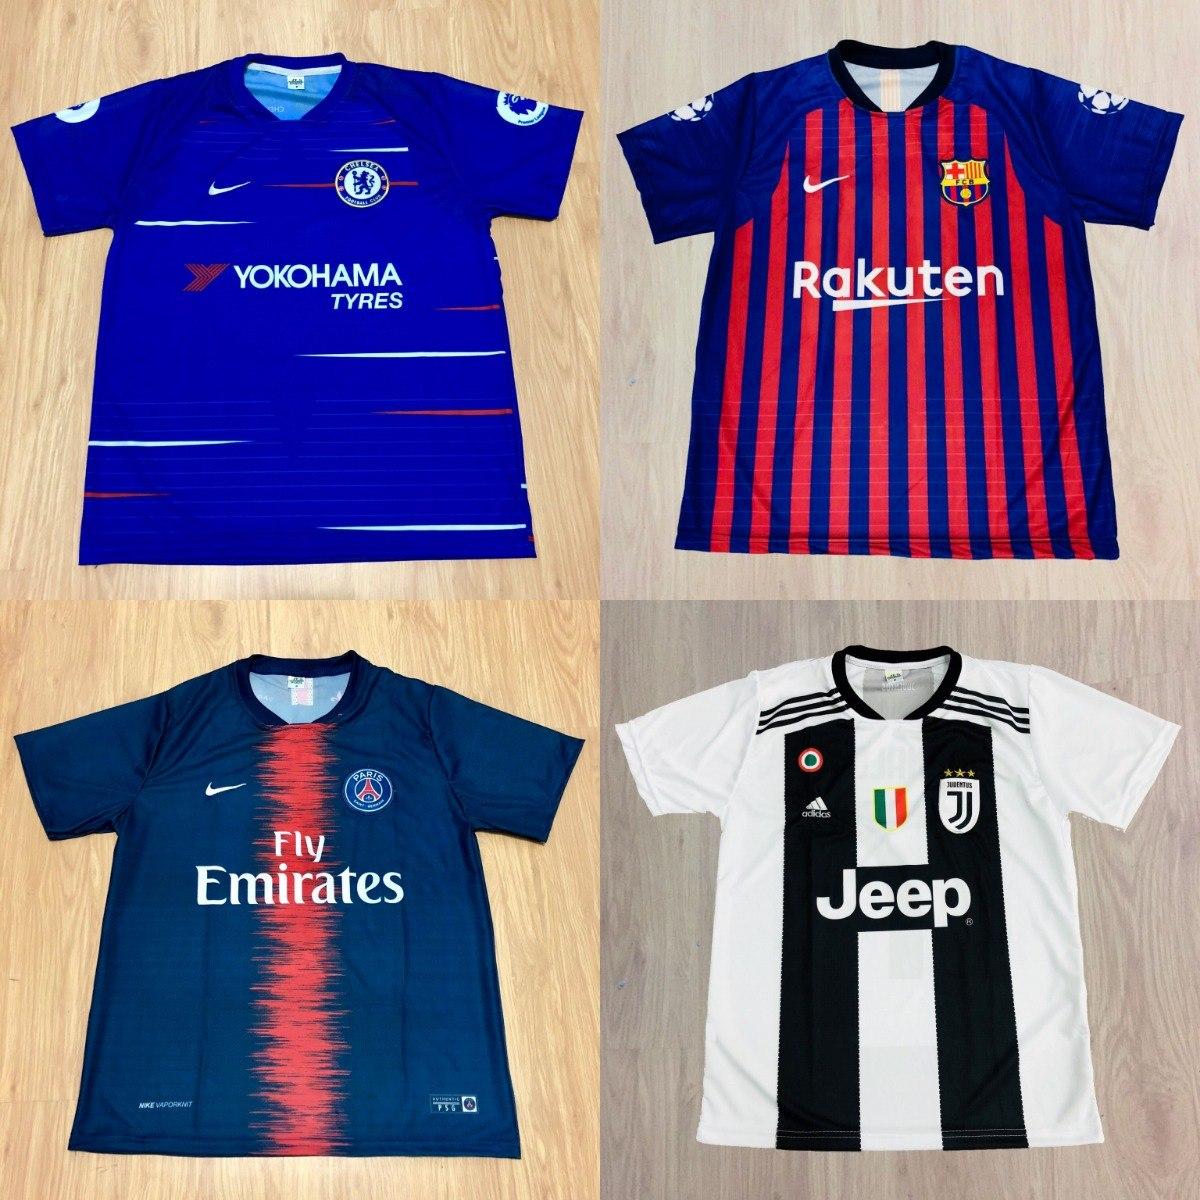 Kit Com 7 Camisetas De Time Camisas De Futebol Atacado - R  147 8b461d11adabb